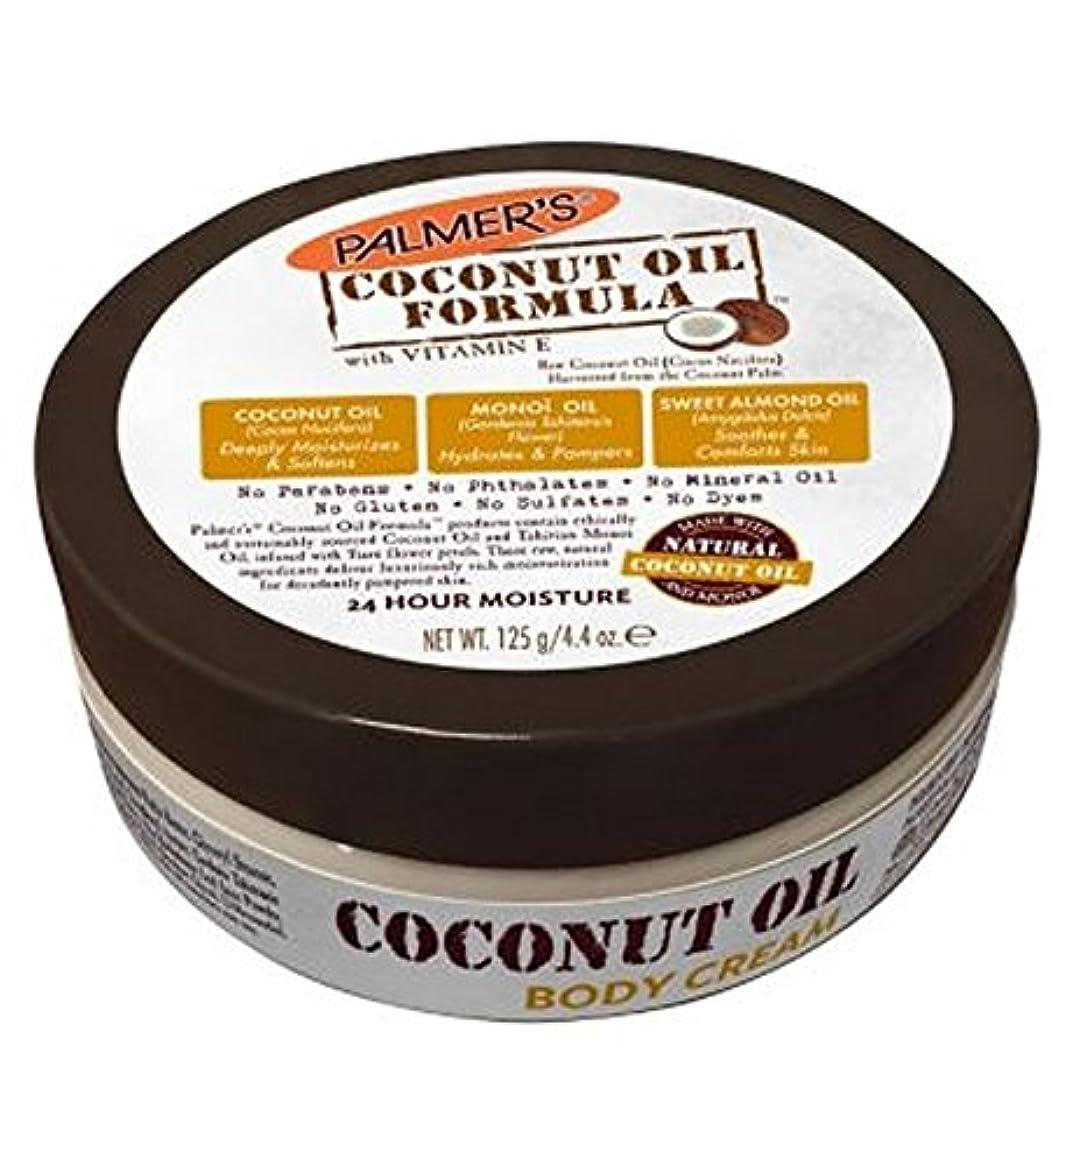 不均一アナニバーカフェテリアPalmer's Coconut Oil Formula Body Cream 125g - パーマーのヤシ油式ボディクリーム125グラム (Palmer's) [並行輸入品]